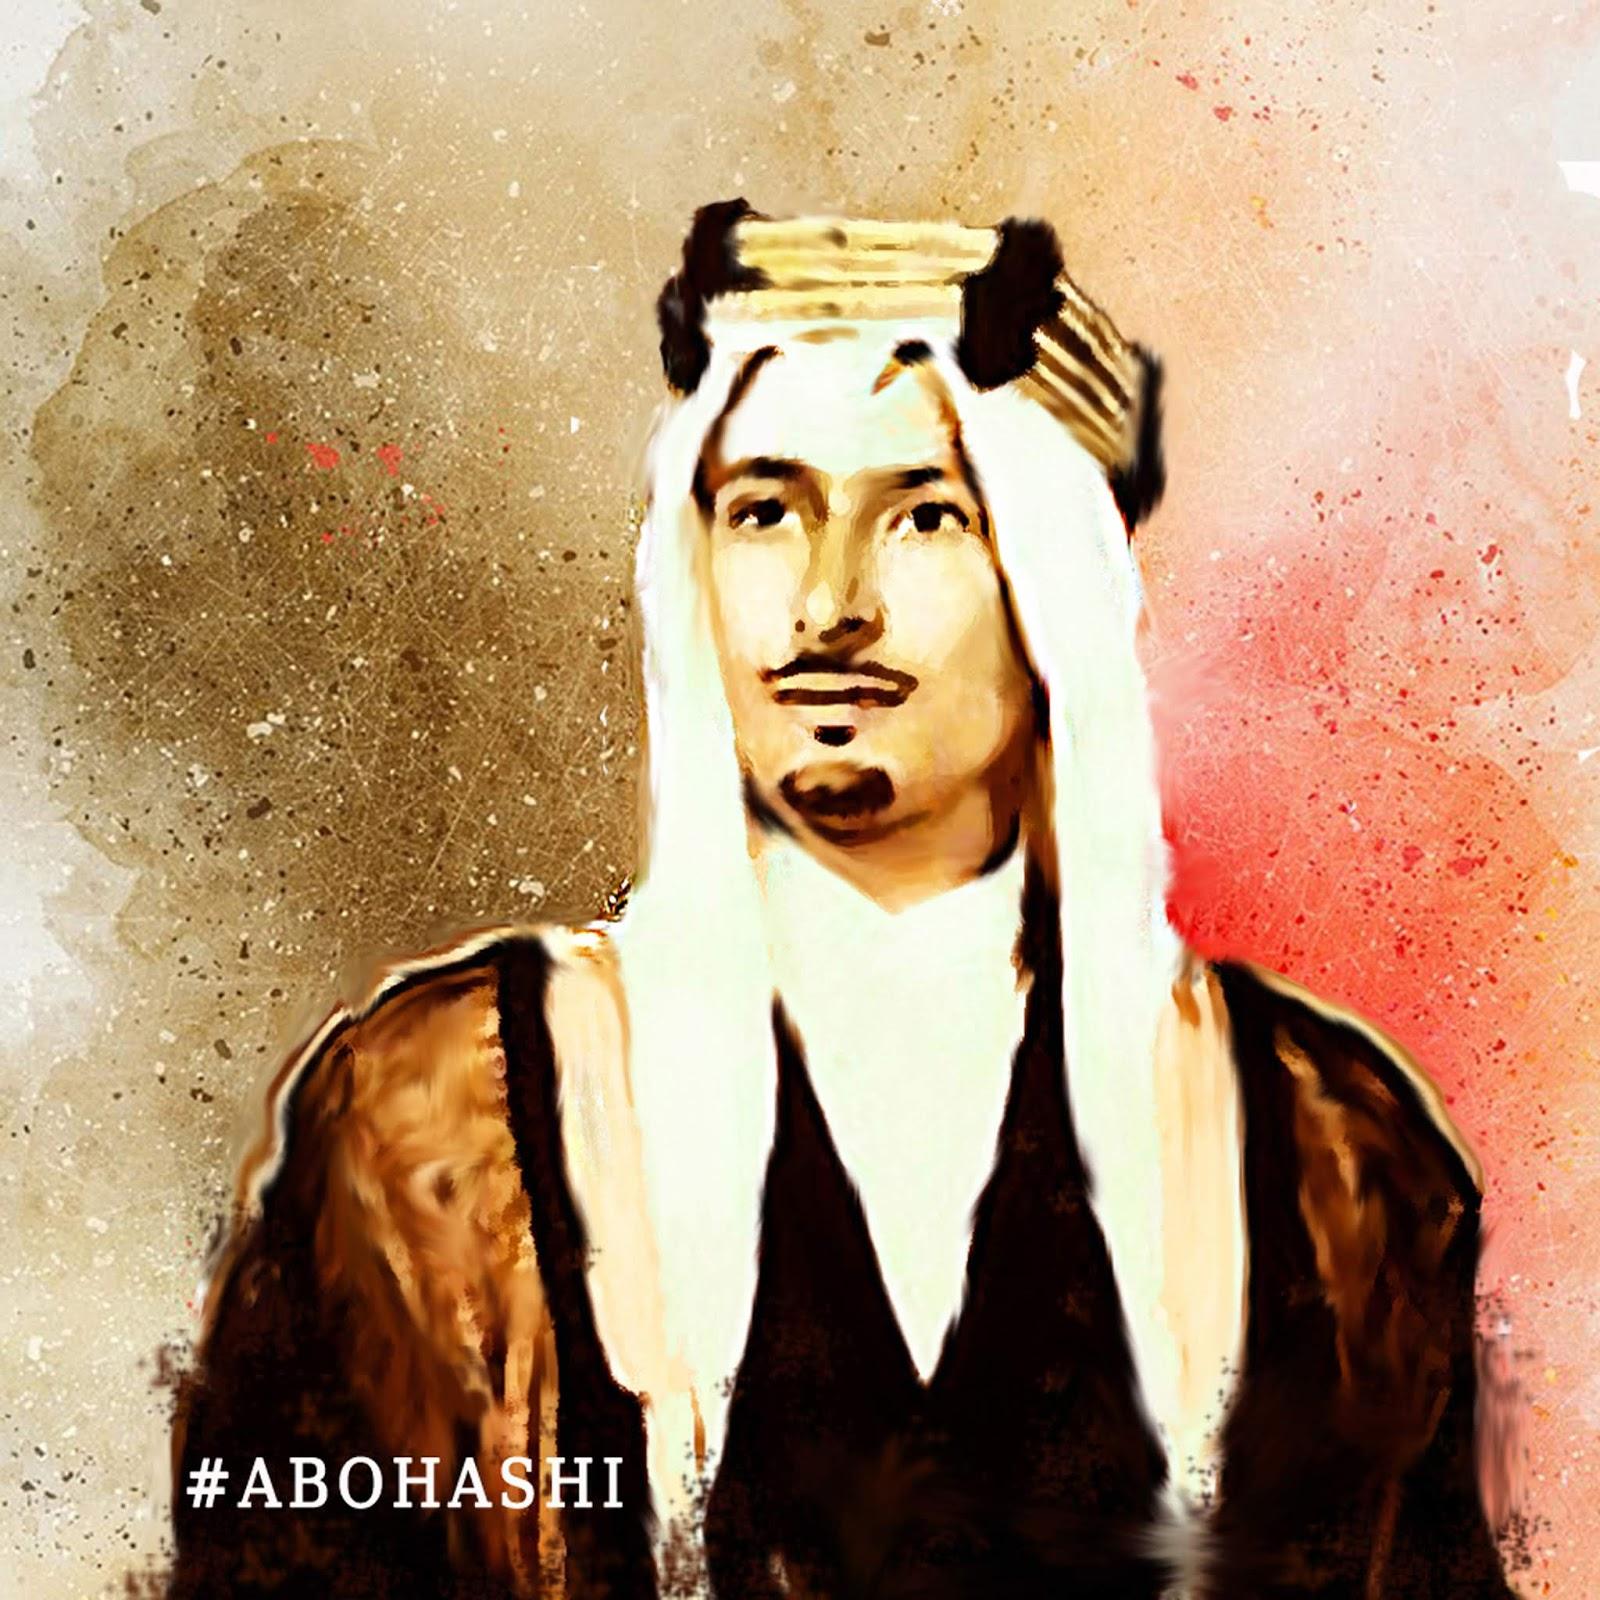 الأمير سعد بن عبد العزيز آل سعود #abohashi